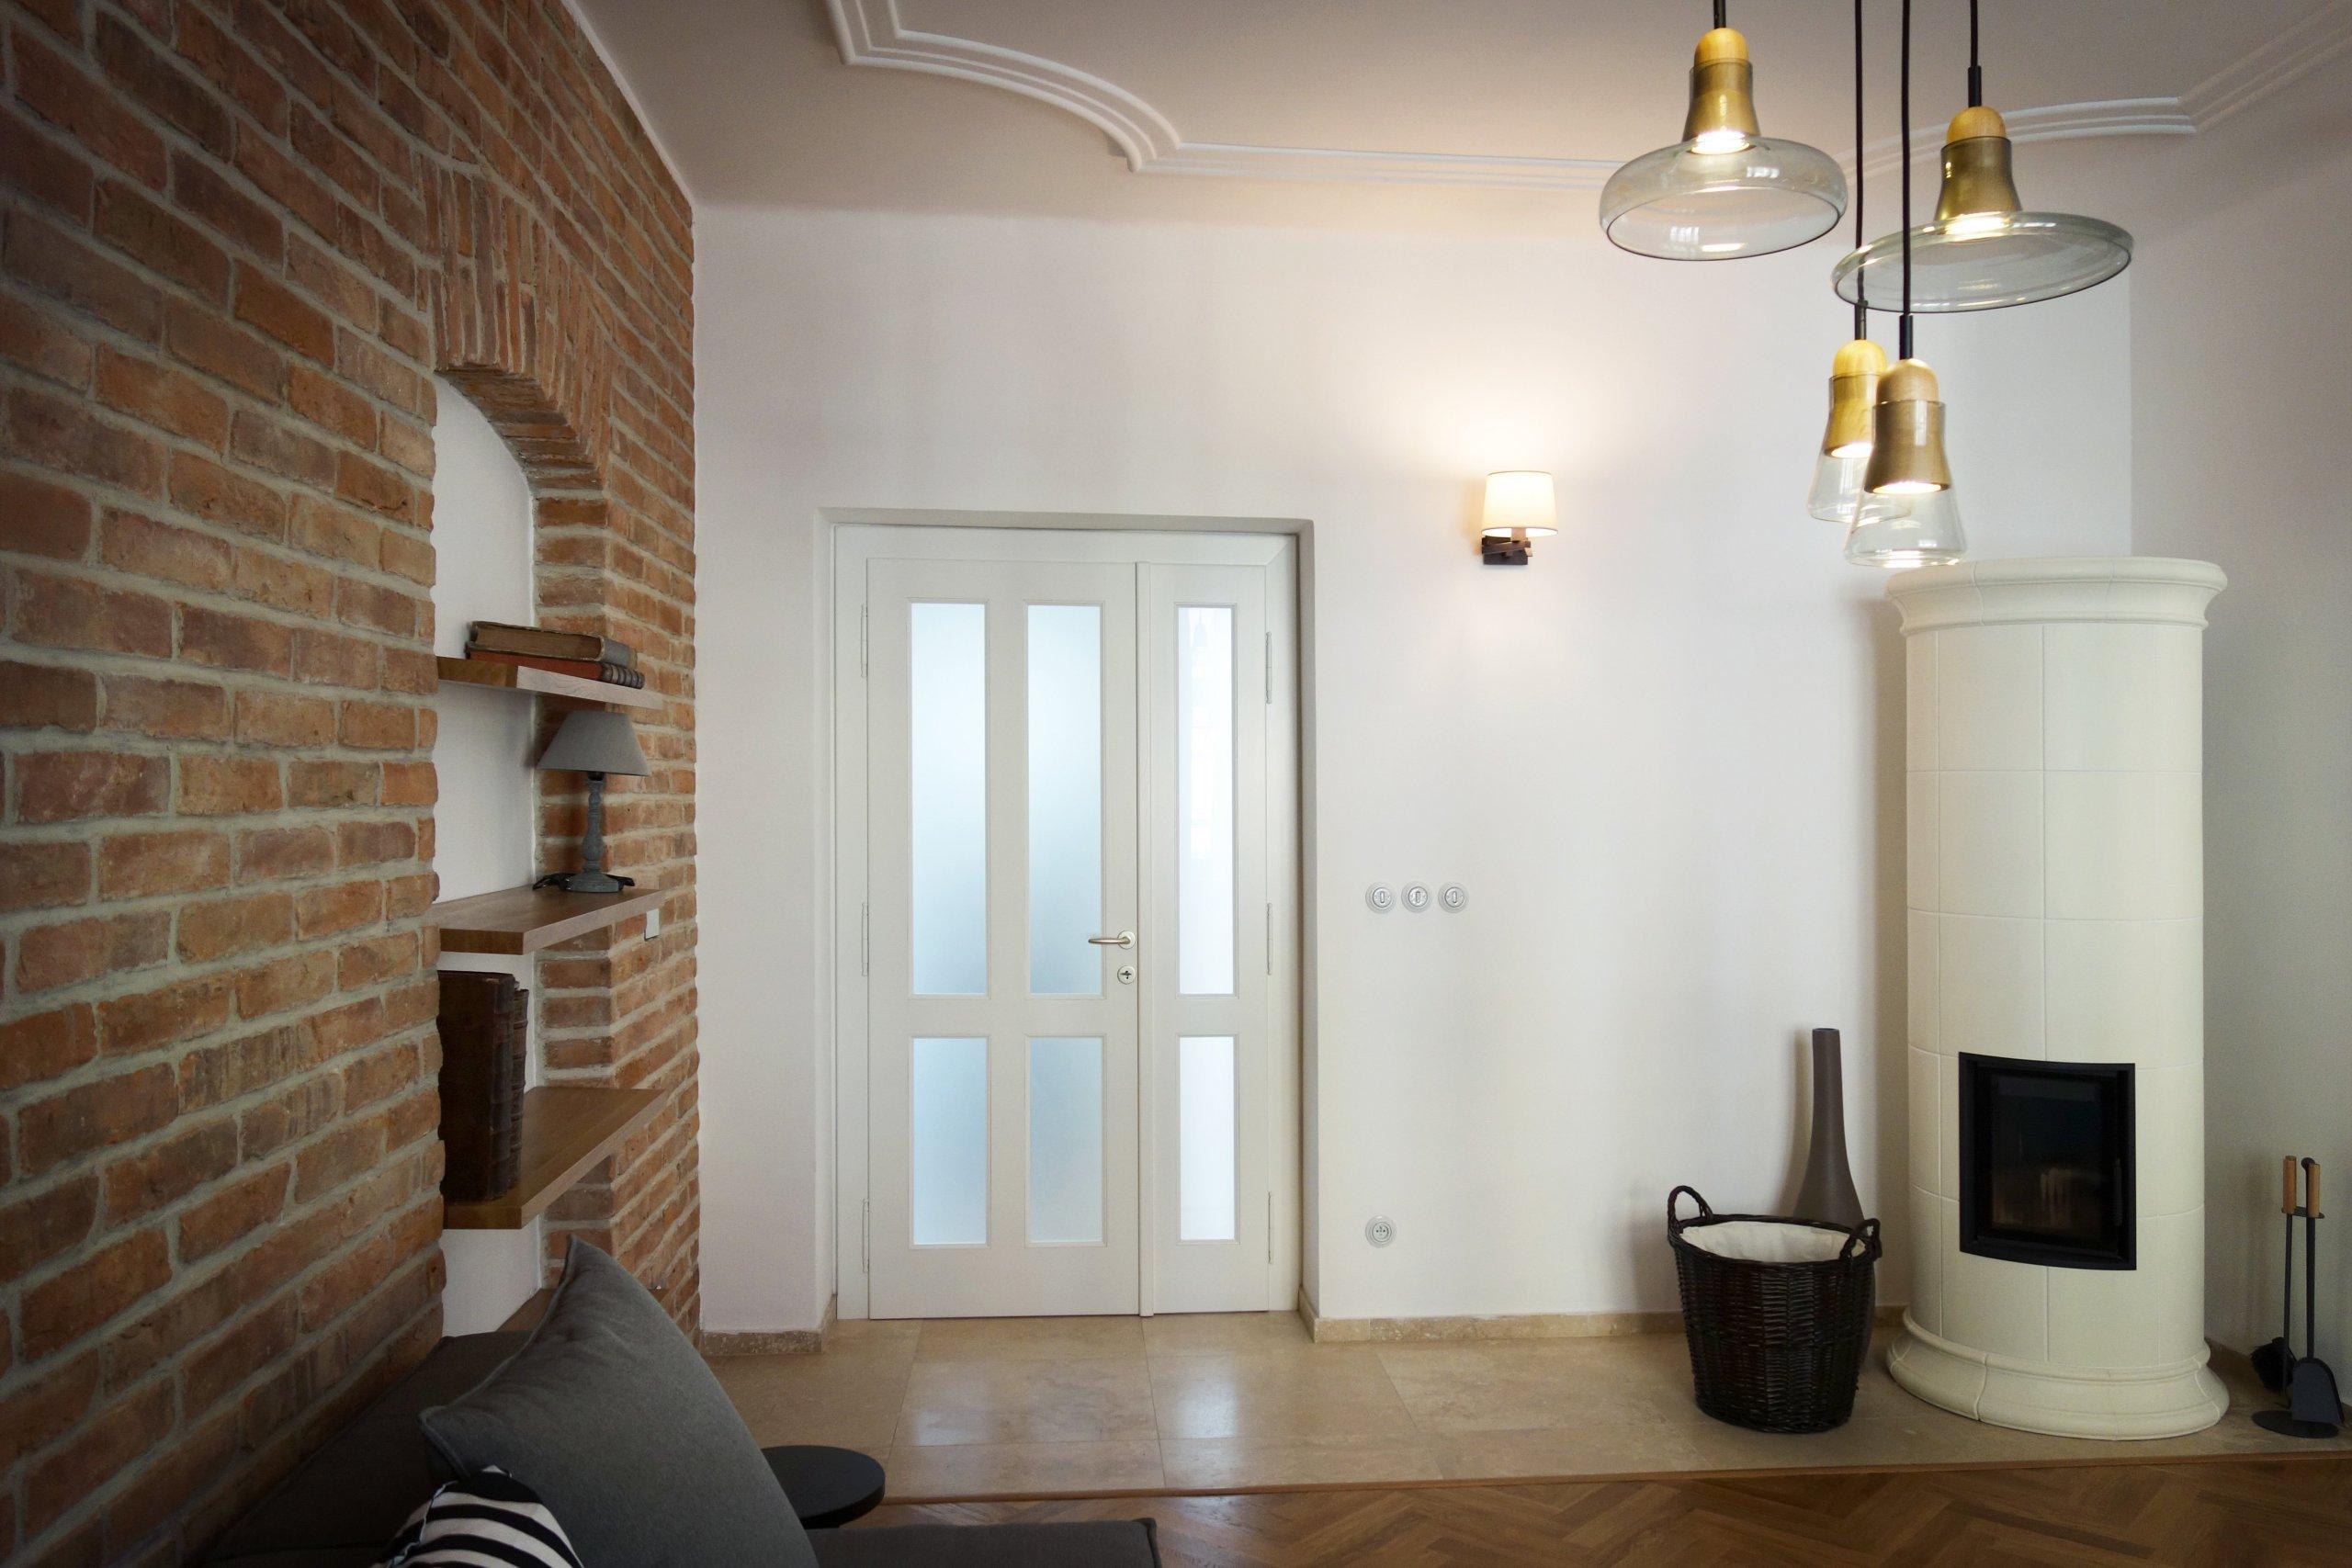 Byt se nachází ve starém bytovém domě na hlavní pěší zóně v centru Jičína. Původně zde byly kanceláře, a tak dispozice vyžadovala velké zásahy jak stavební,…